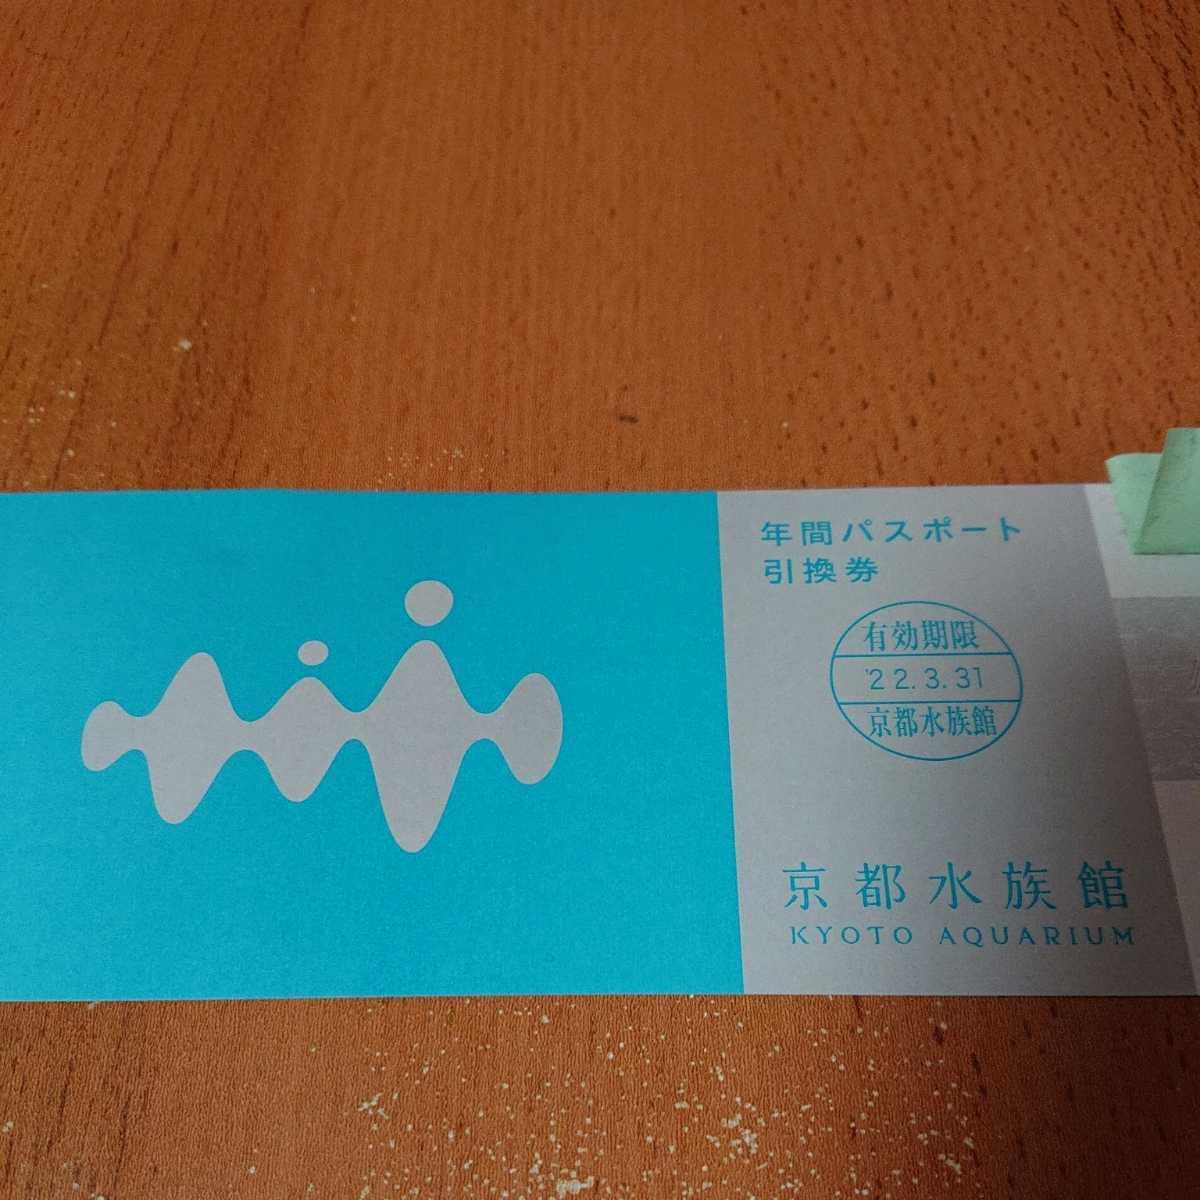 送料無料 条件付当日発送 京都水族館 年間パスポート引換券 1枚 引換有効期限 22/03/31_画像1